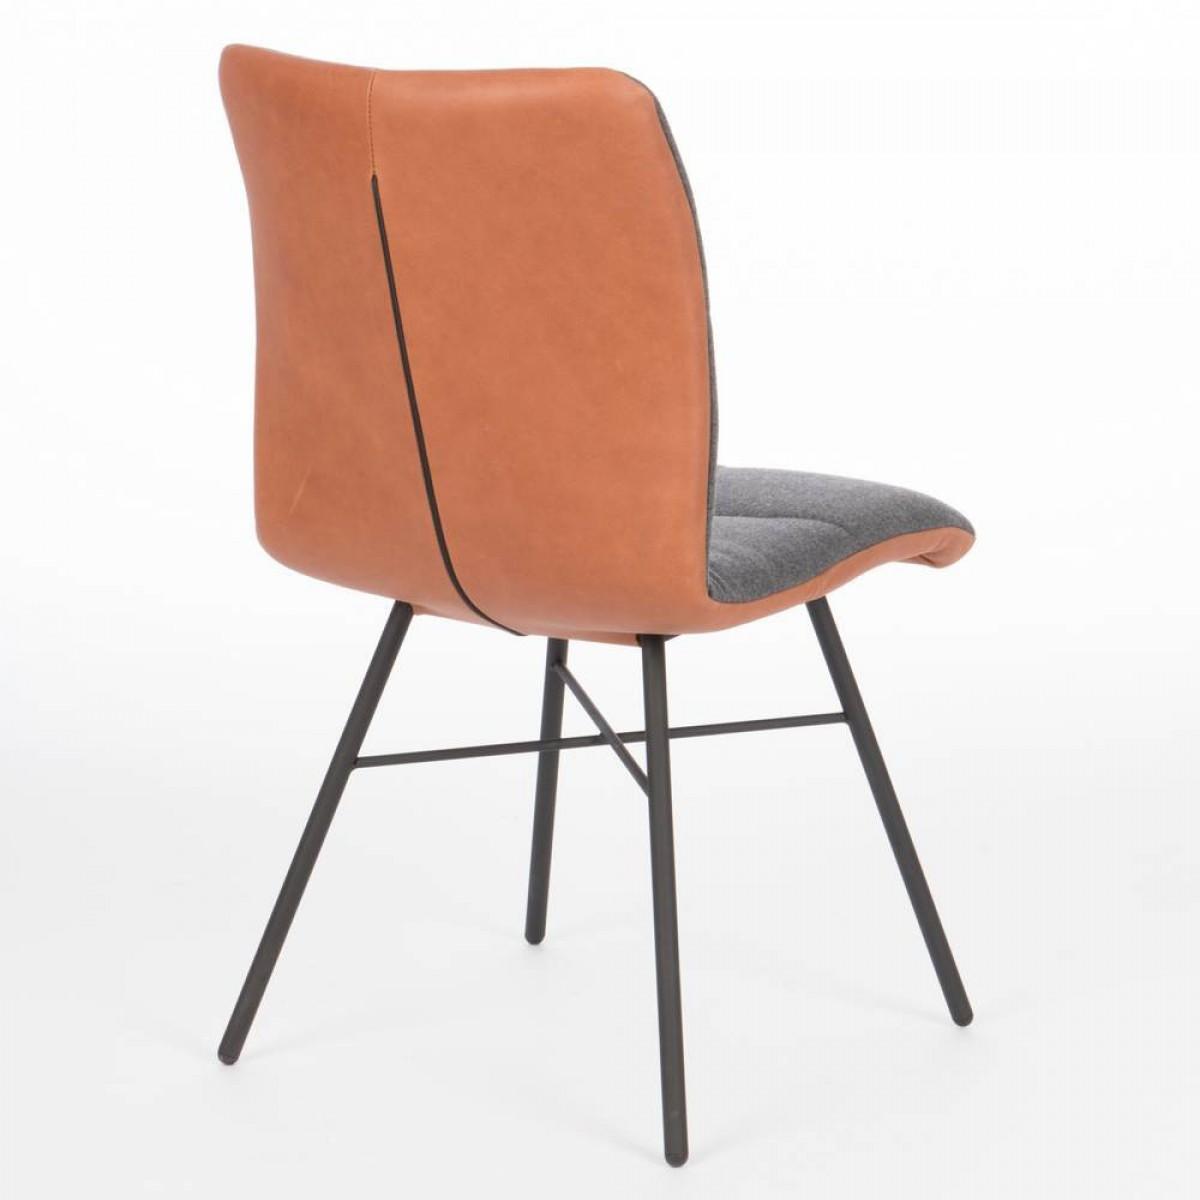 pepitto-stoel-stof-leer-combinatie-miltonhouse-spinpoot-zwart-achter